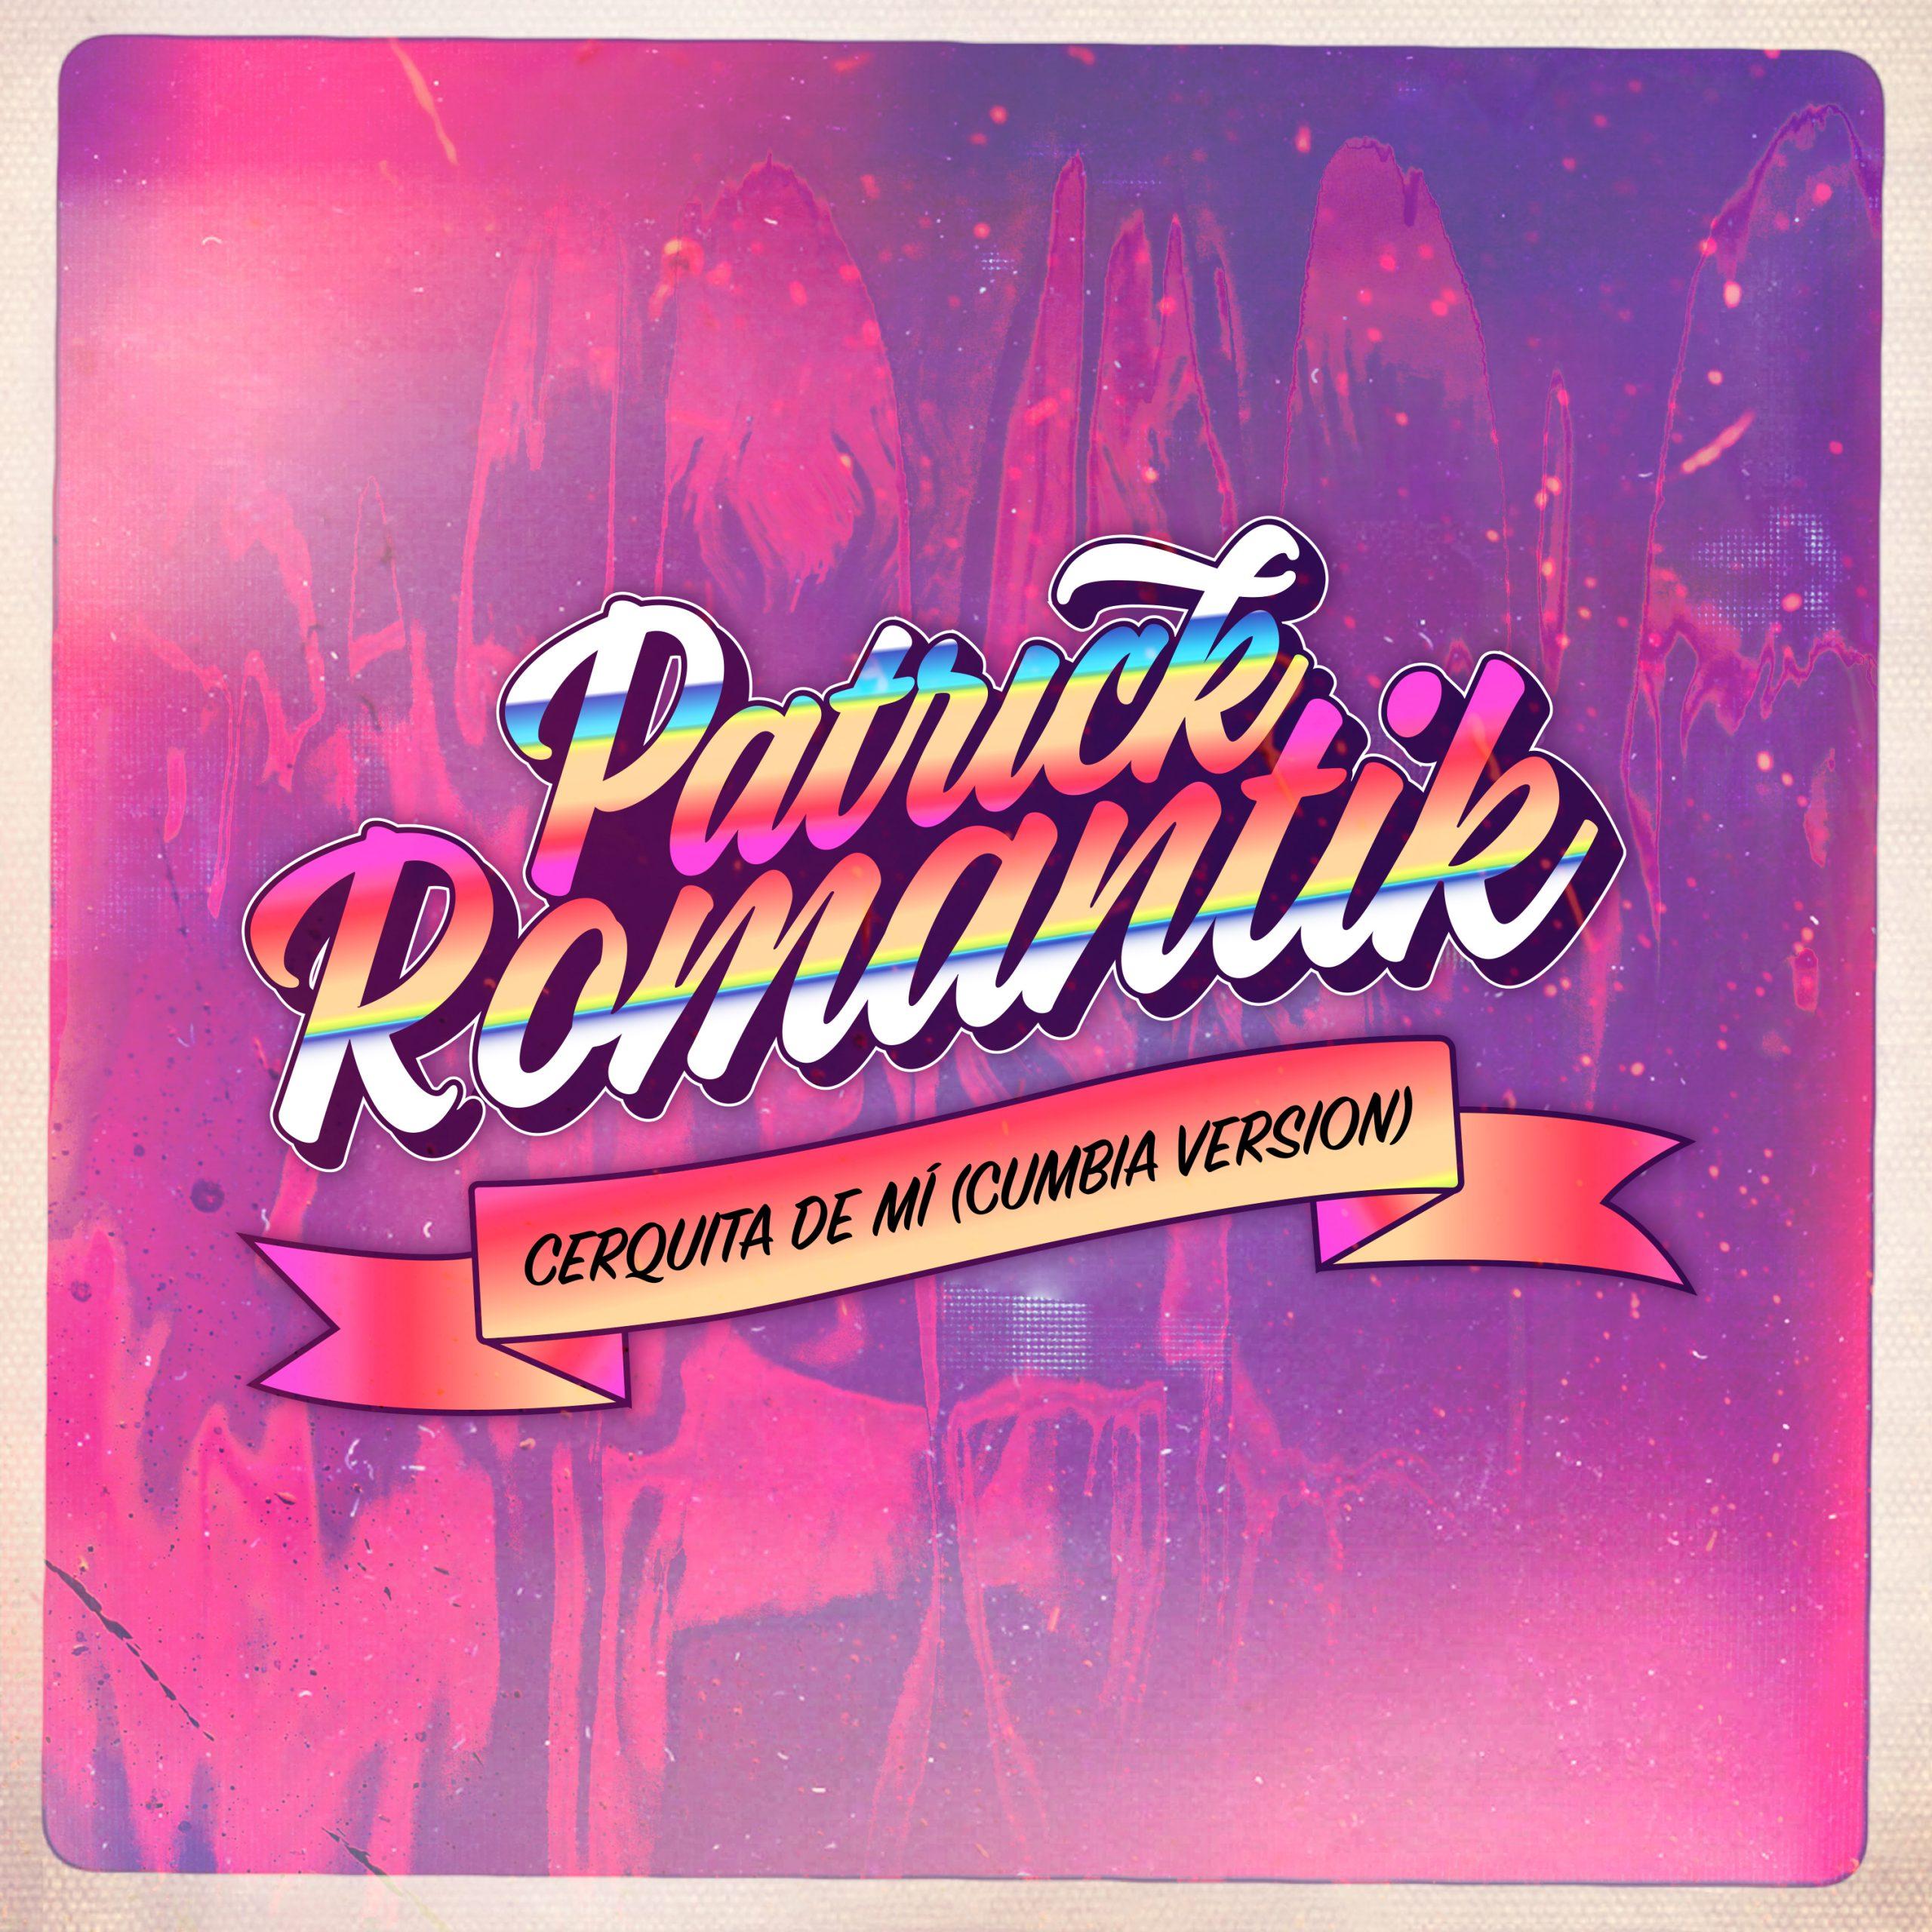 PatrickRomantik-CerquitaDeMiCumbia